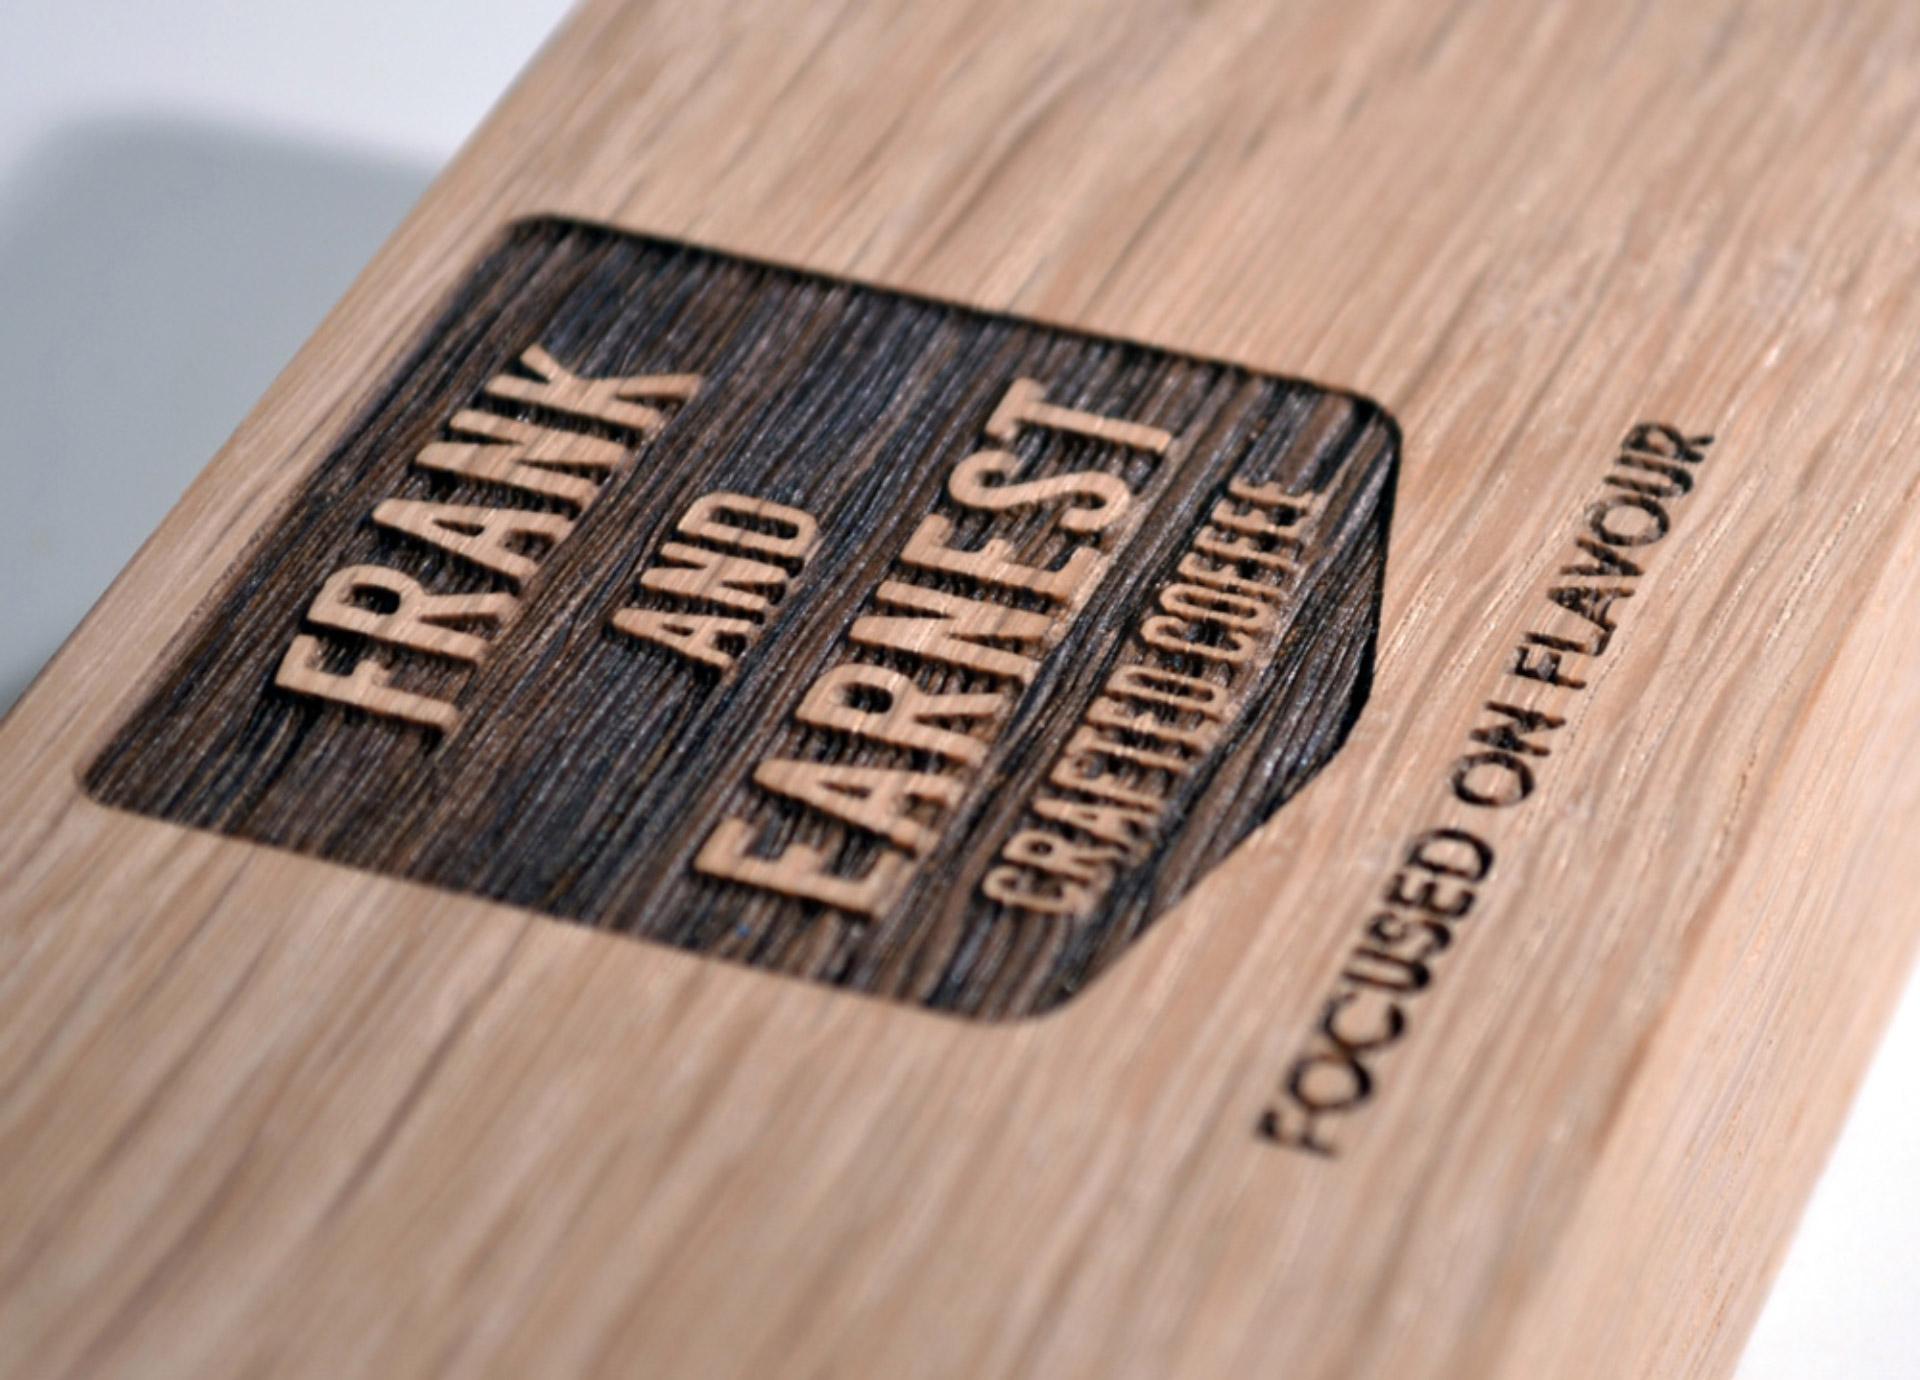 Frank & Earnest brand on wood